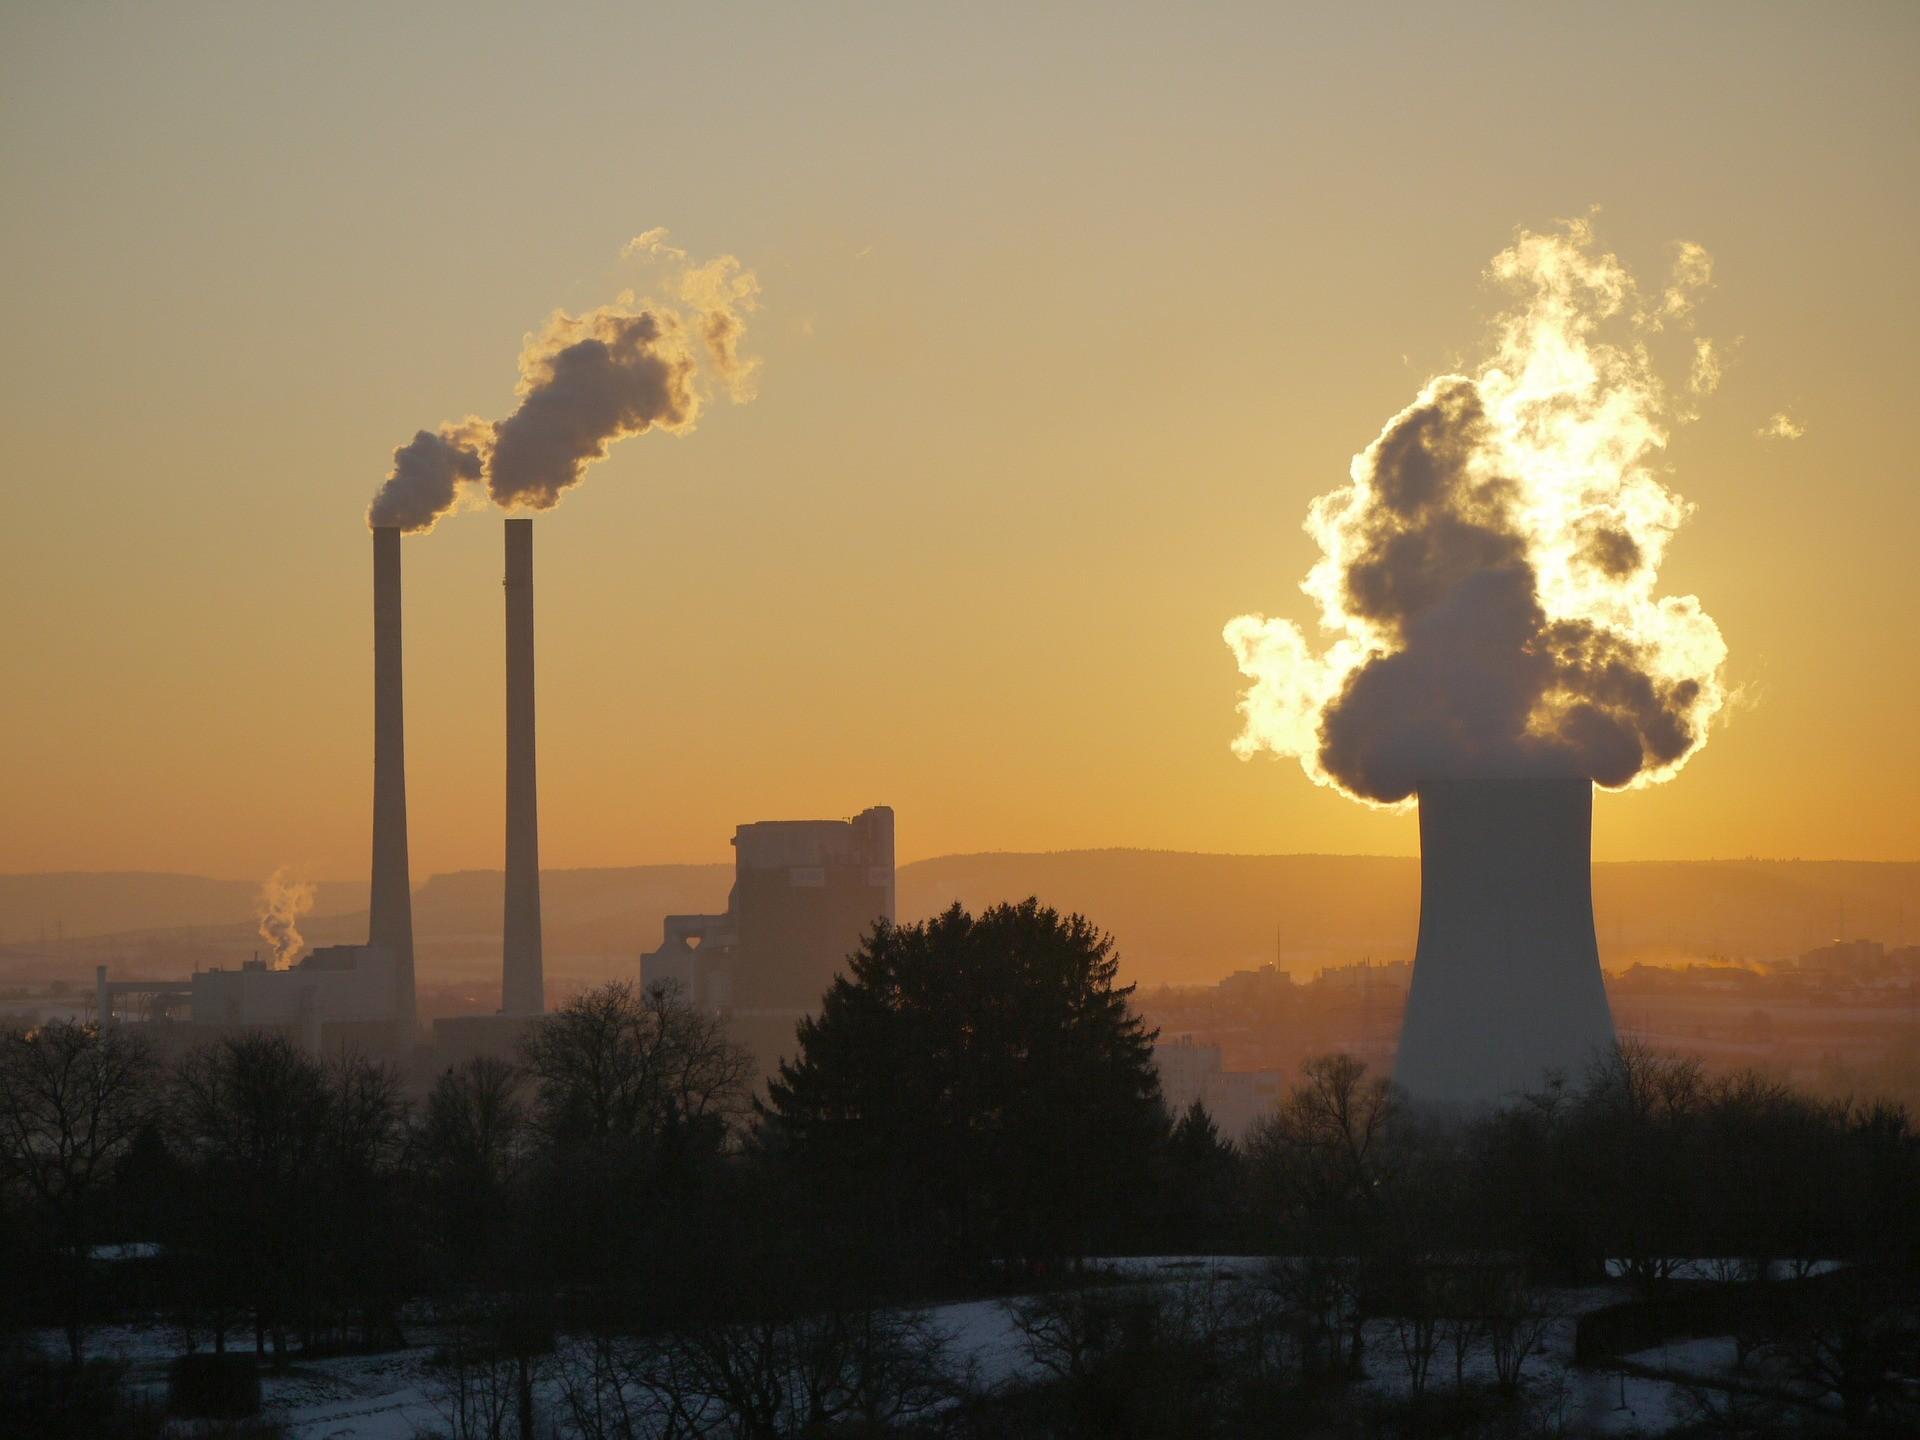 Acabar com a queima de carvão mineral para a produção de energia elétrica é uma das mais importantes medidas para conter o aquecimento global. (Foto: Creative Commons / MonikaP)